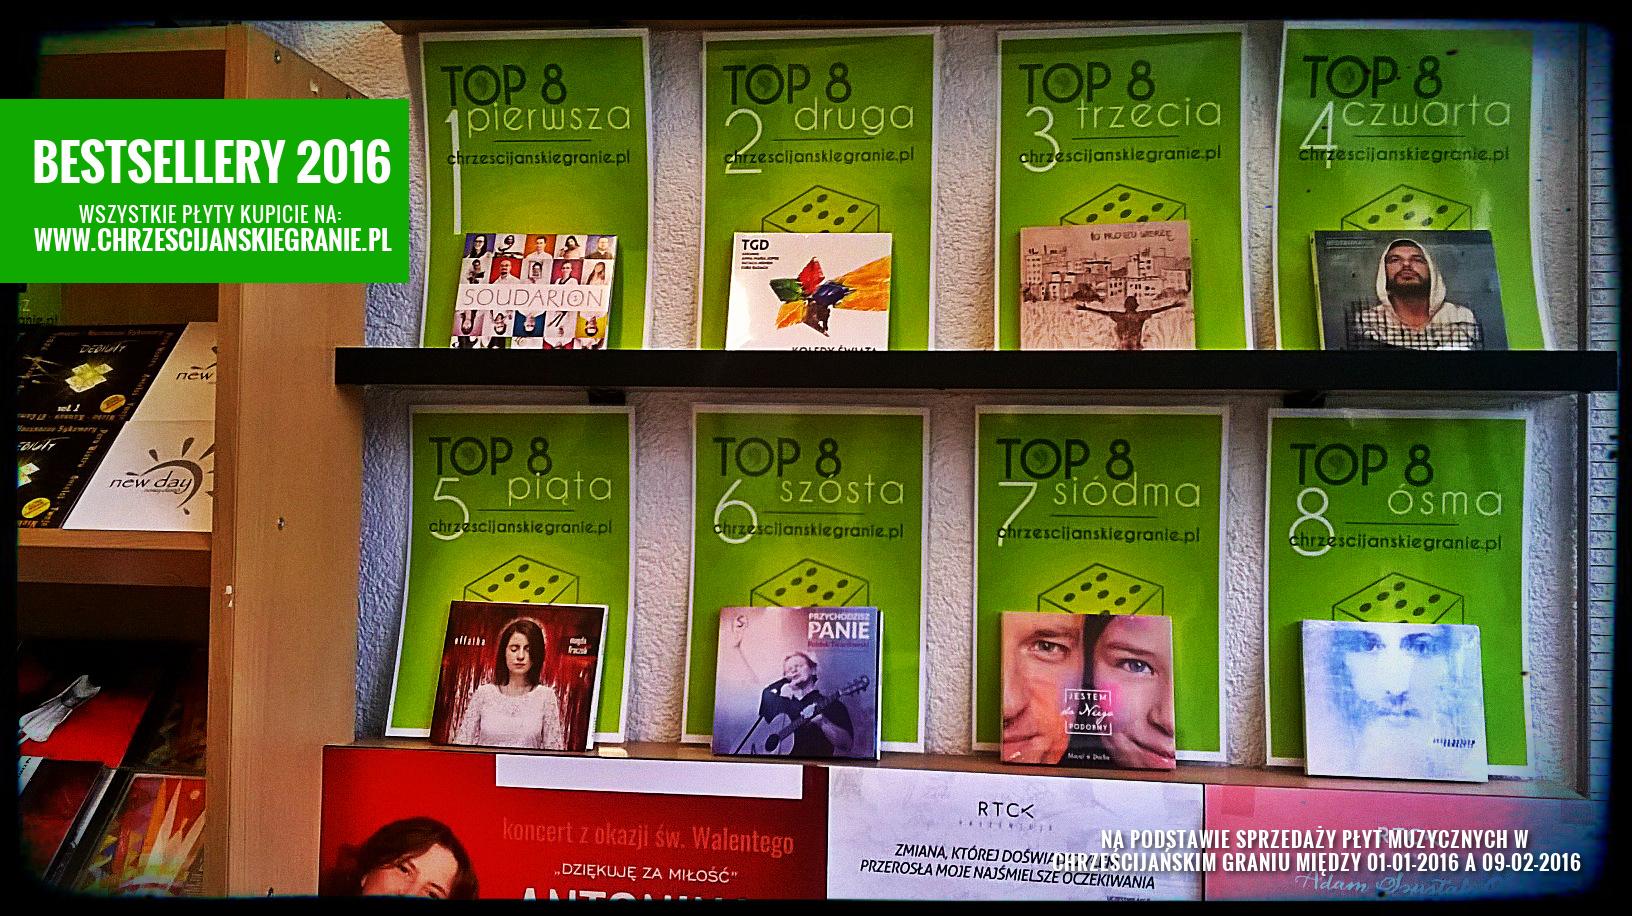 Bestsellery Chrześcijańskiego Grania 2016